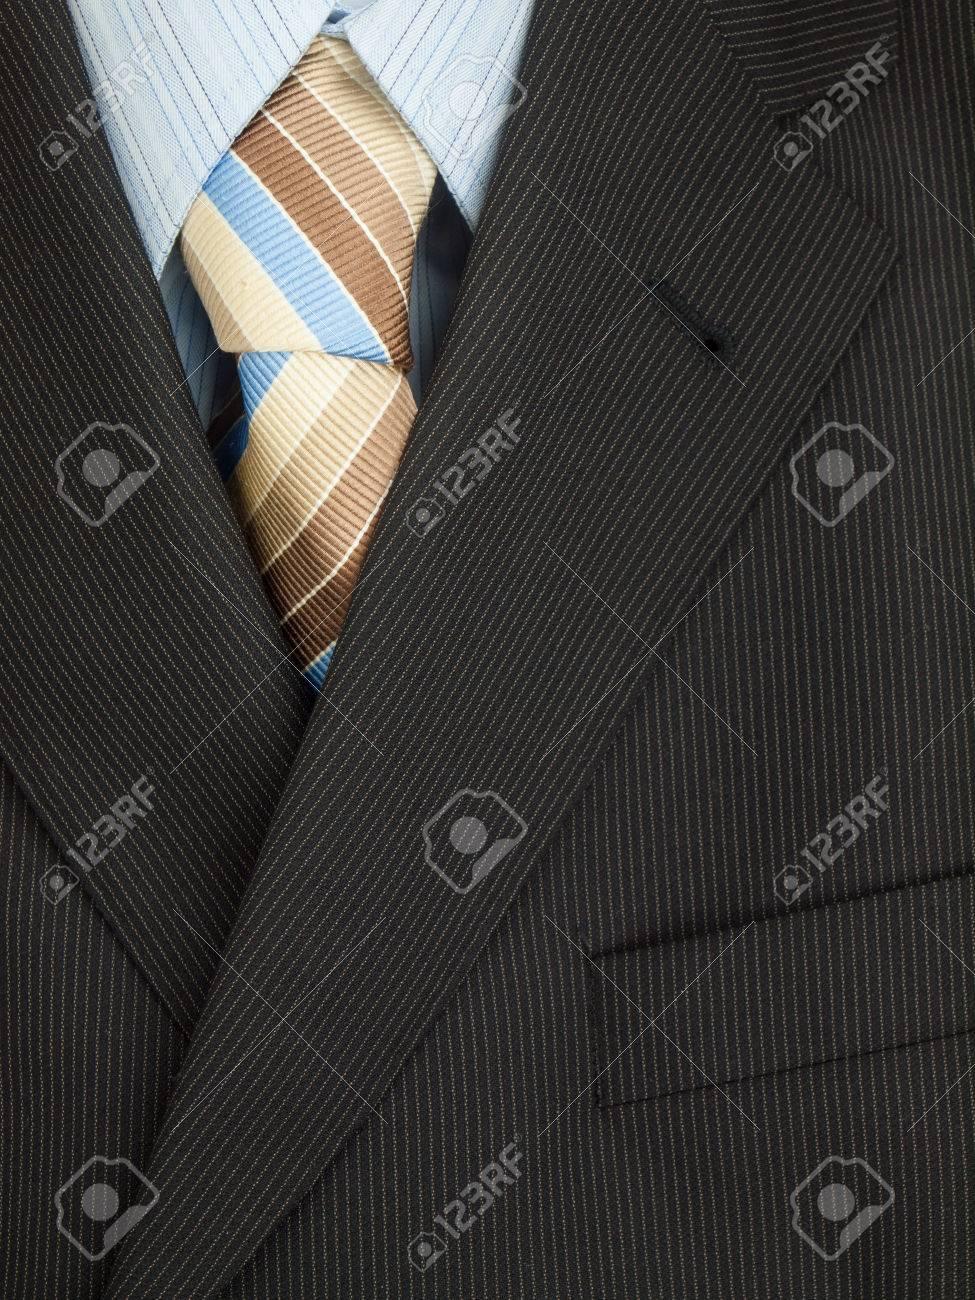 Camisa Chaqueta De Y Hombre La A Para Rayas Traje Detalle Con qzfgwnpxq